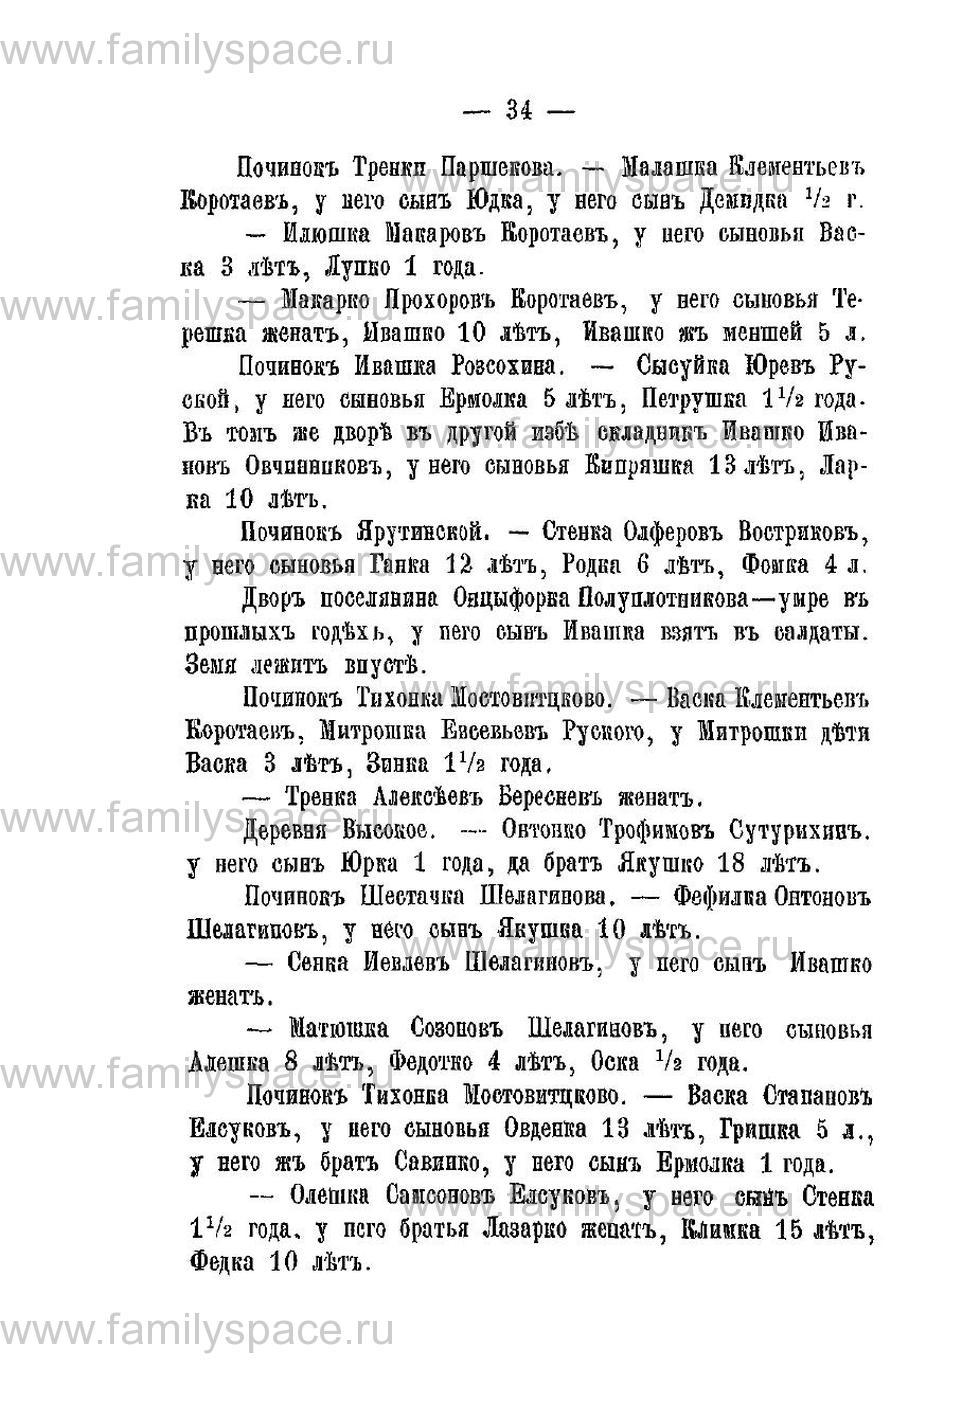 Поиск по фамилии - Переписная книга Орлова и волостей 1678 г, страница 30